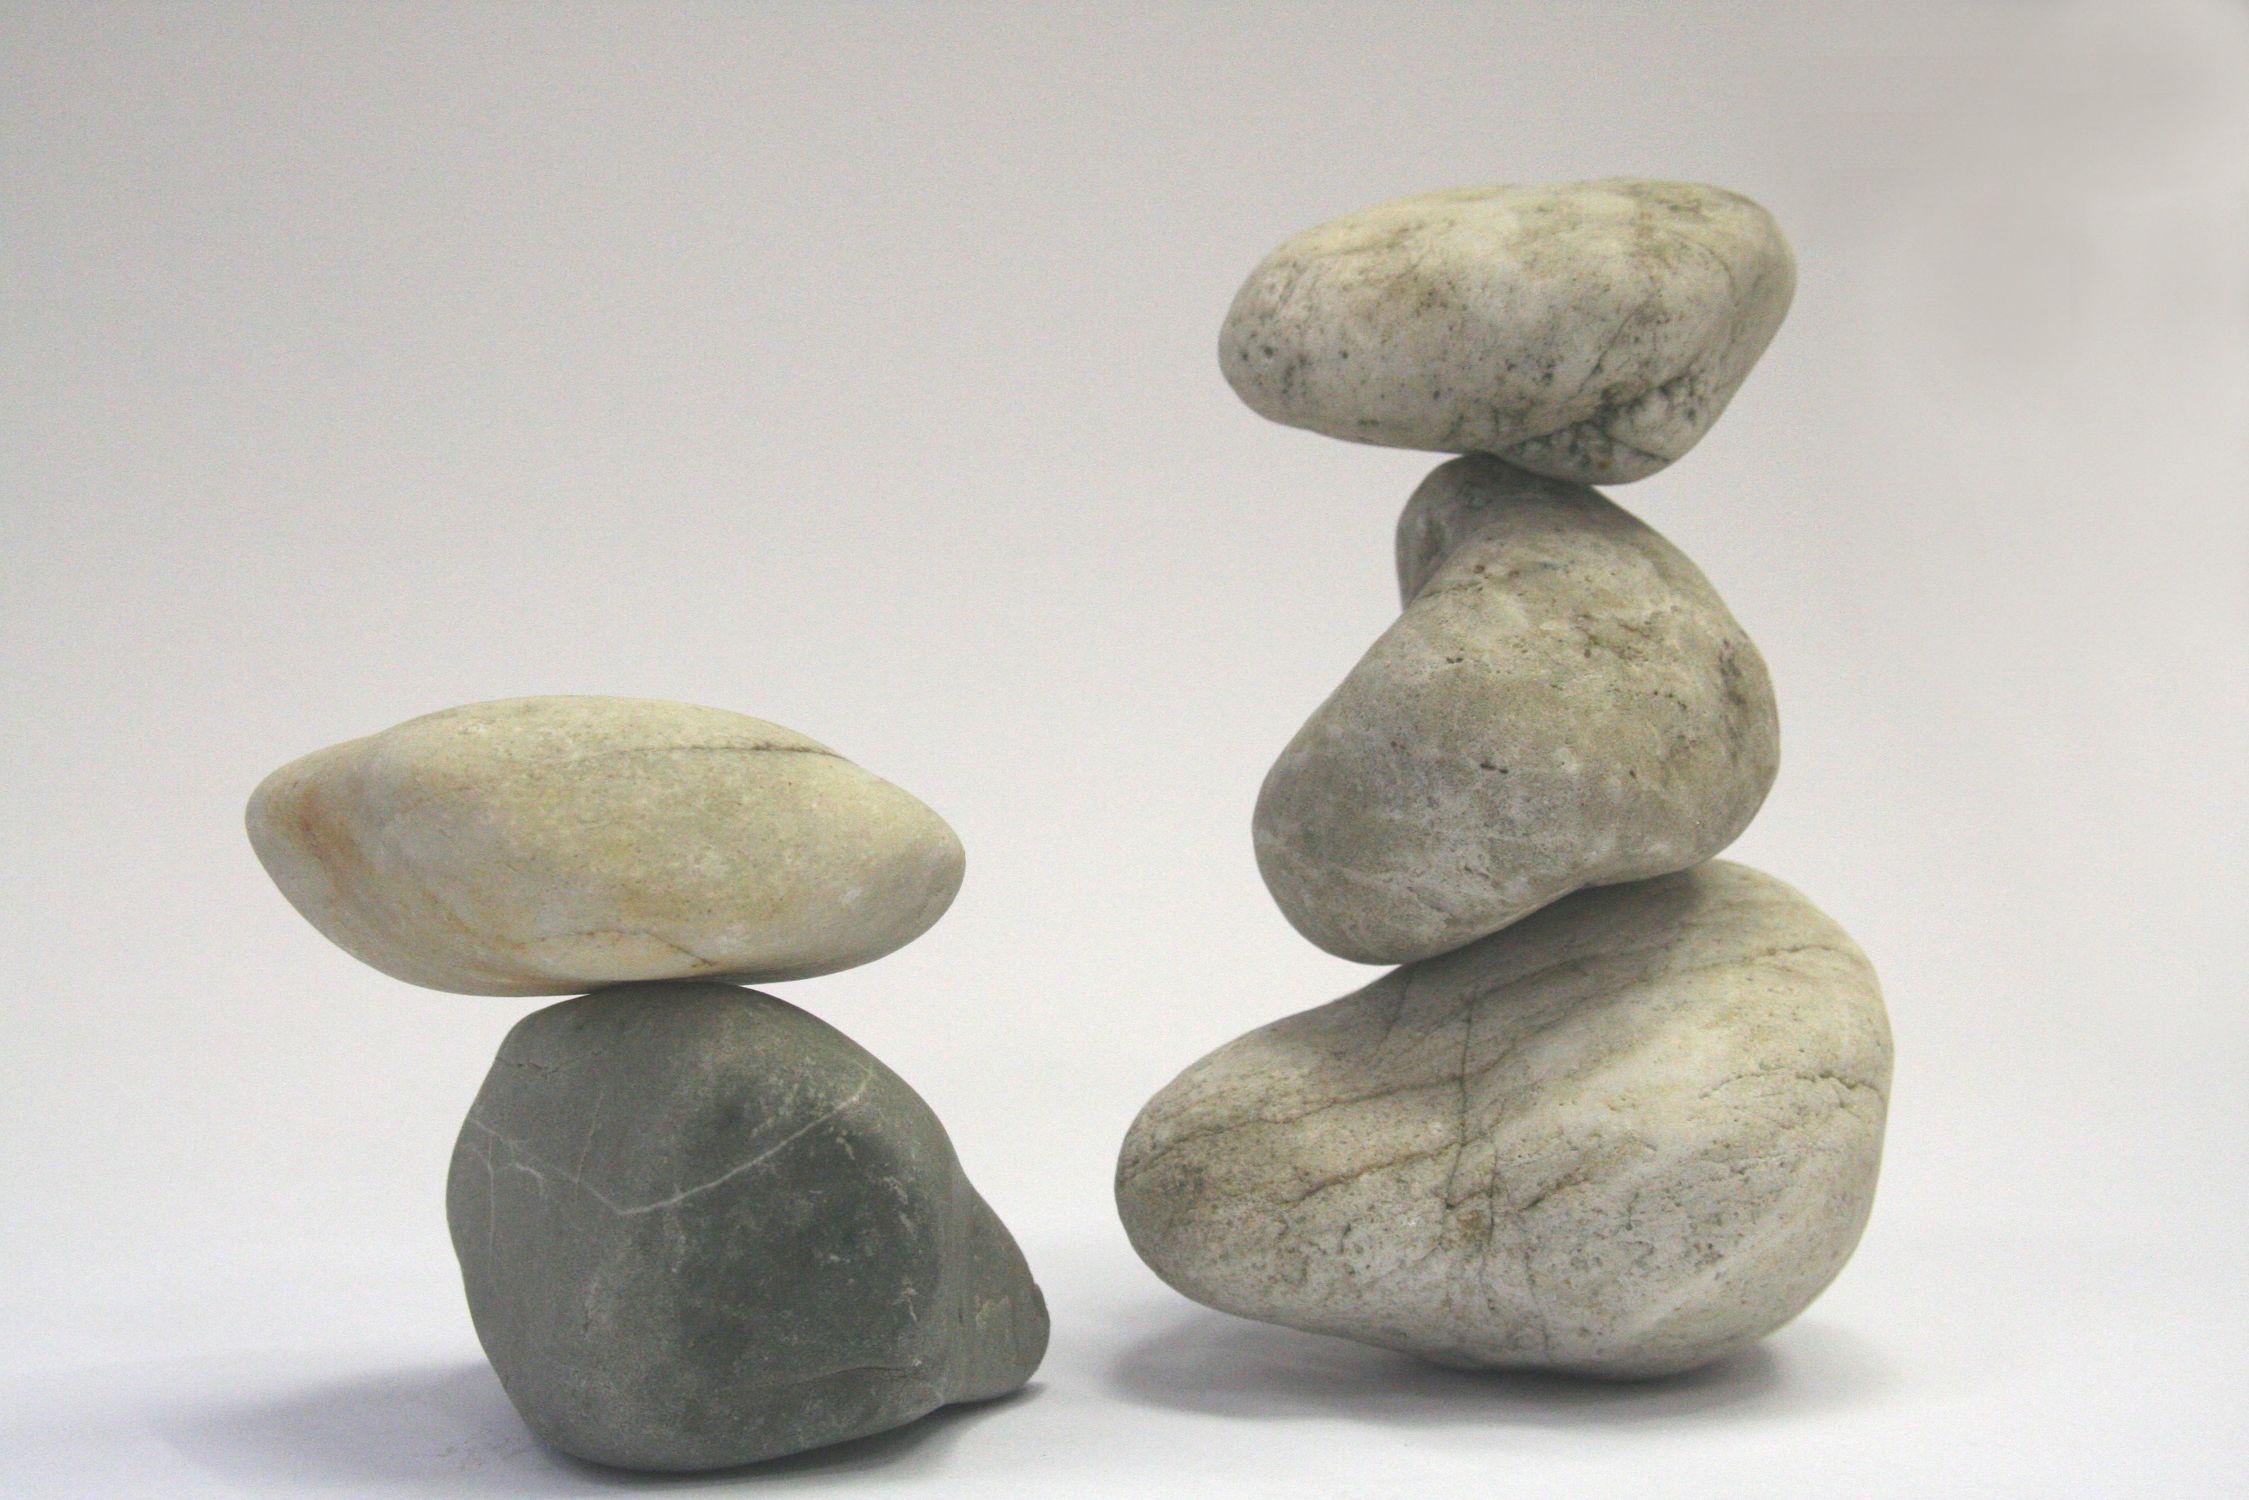 Bild mit Natur, Landschaften, Felsen, Architektur, Bauwerke, Denkmäler und Statuen, Steine, gestapelte Steine